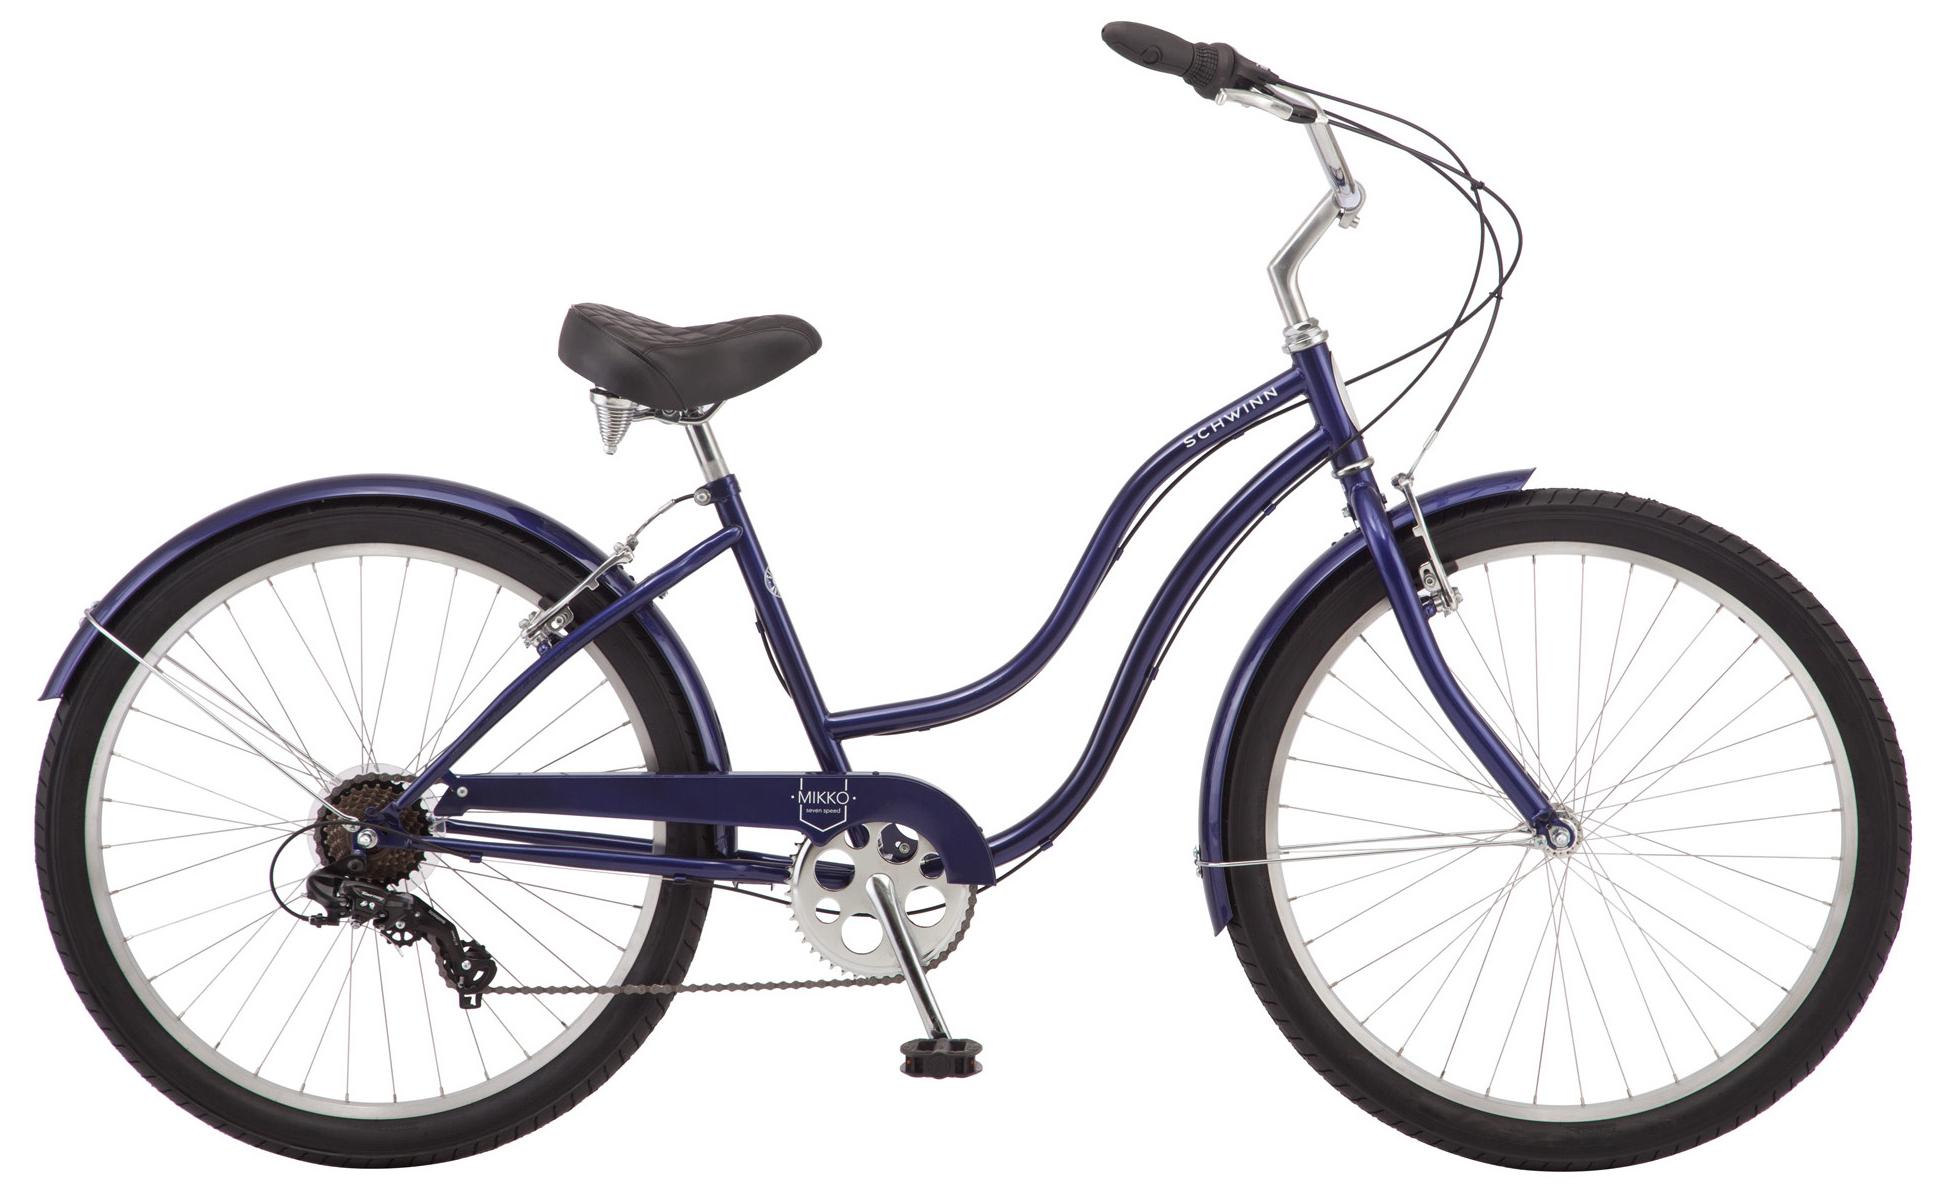 Прогулочные велосипеды для мужчин: как купить комфортный дорожный велосипед для города